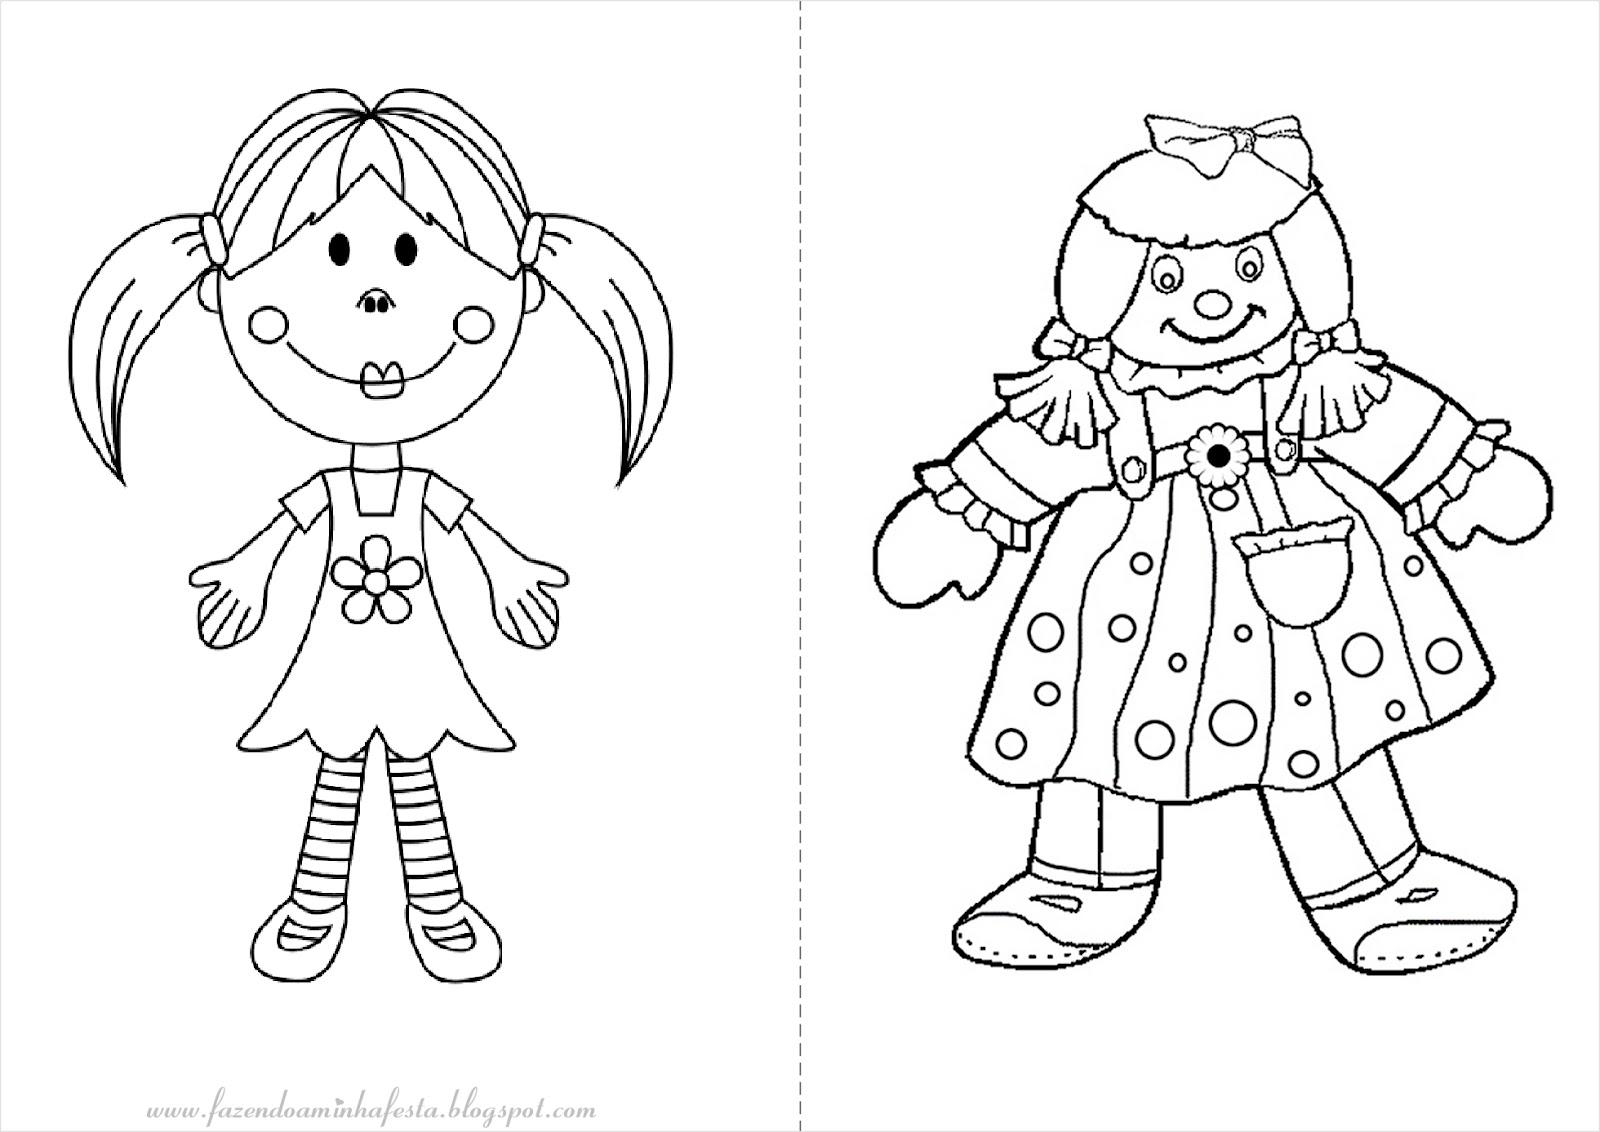 Excepcional Fazendo a Nossa Festa - Colorir: Bonecas - Livrinho para Colorir! FT79